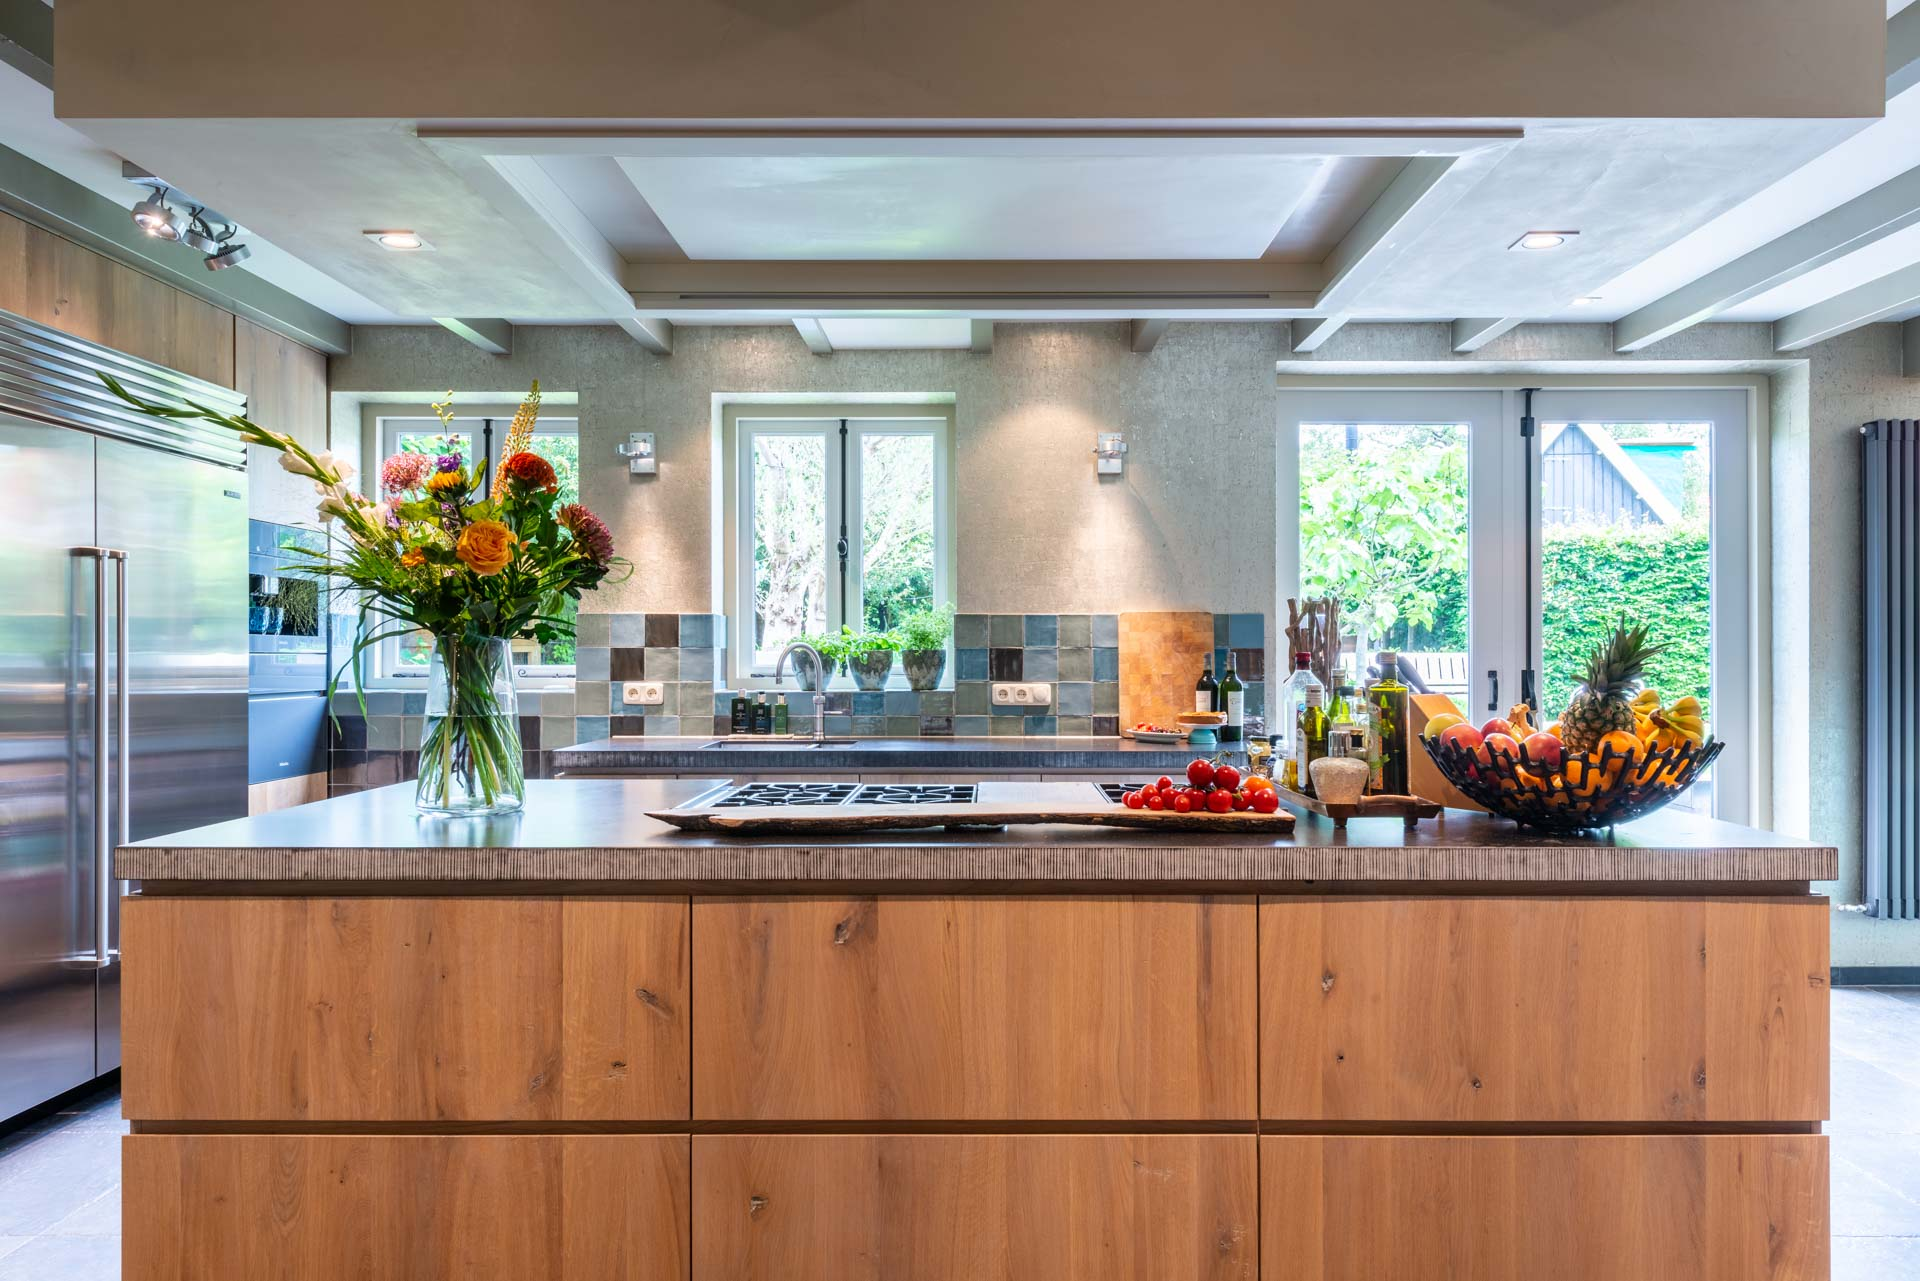 Eikenhouten keuken met composiet blad, apparatuur van Subzero-Wolf en Miele